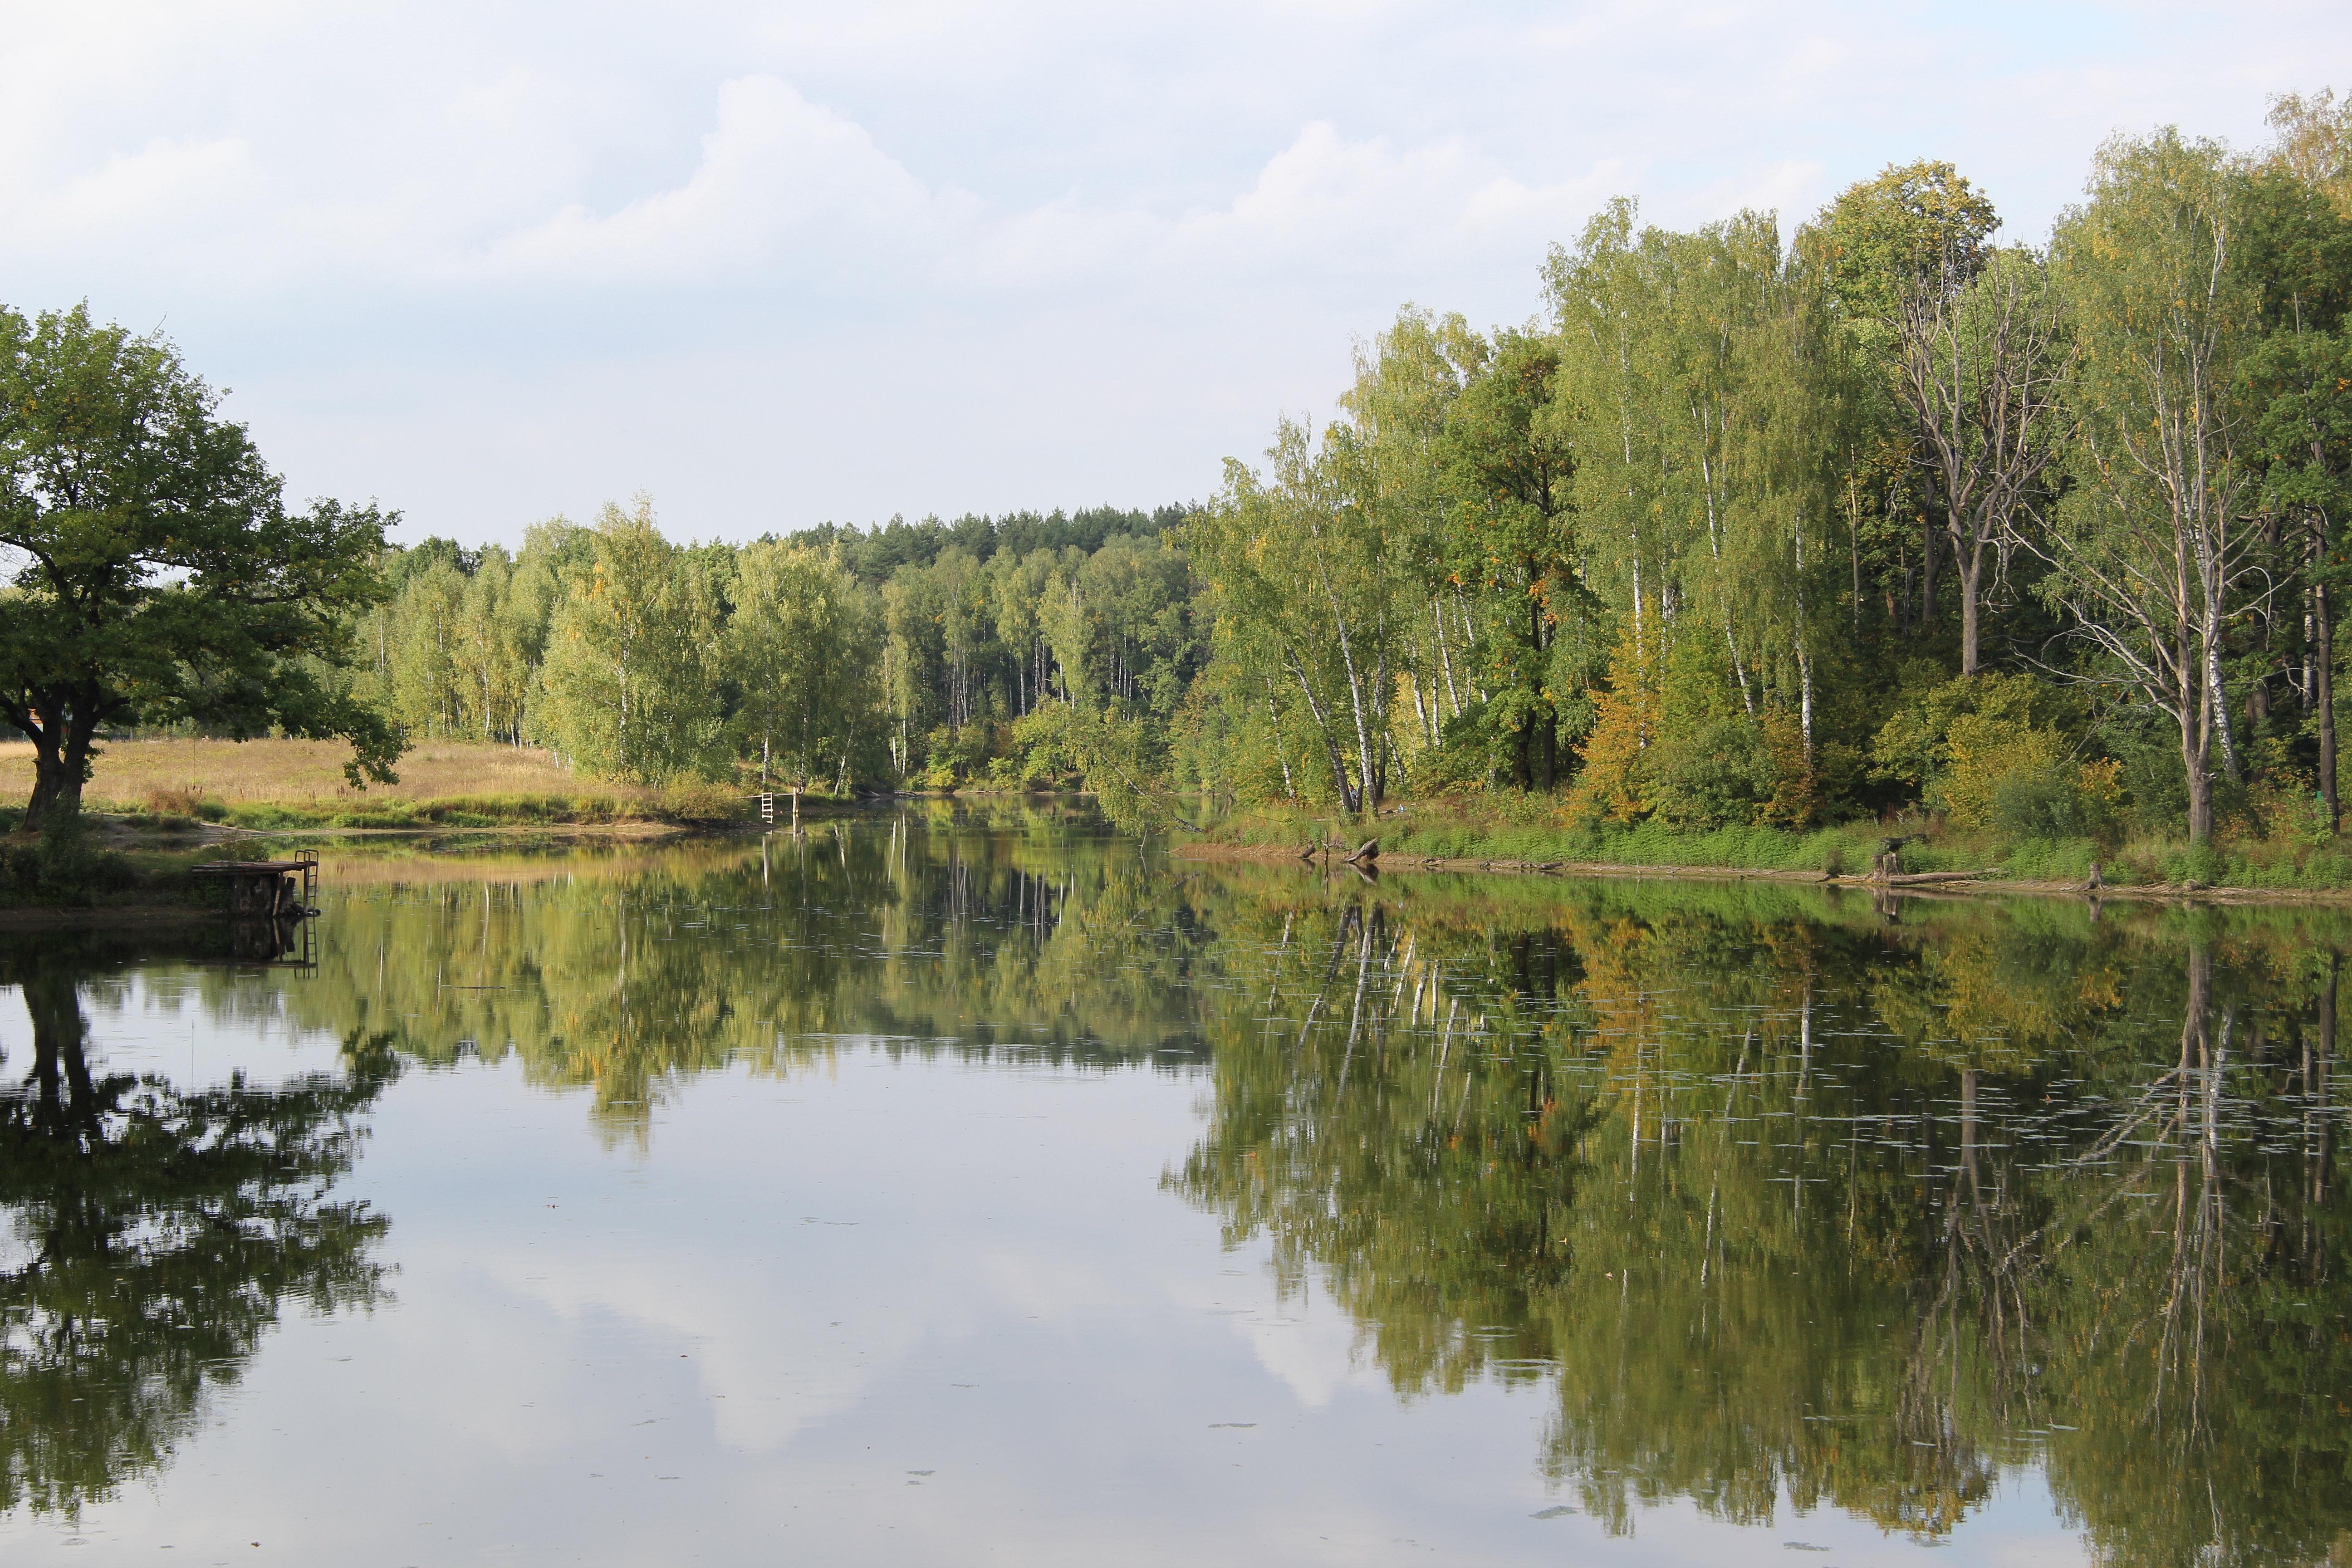 платная рыбалка в коломенском районе московской области